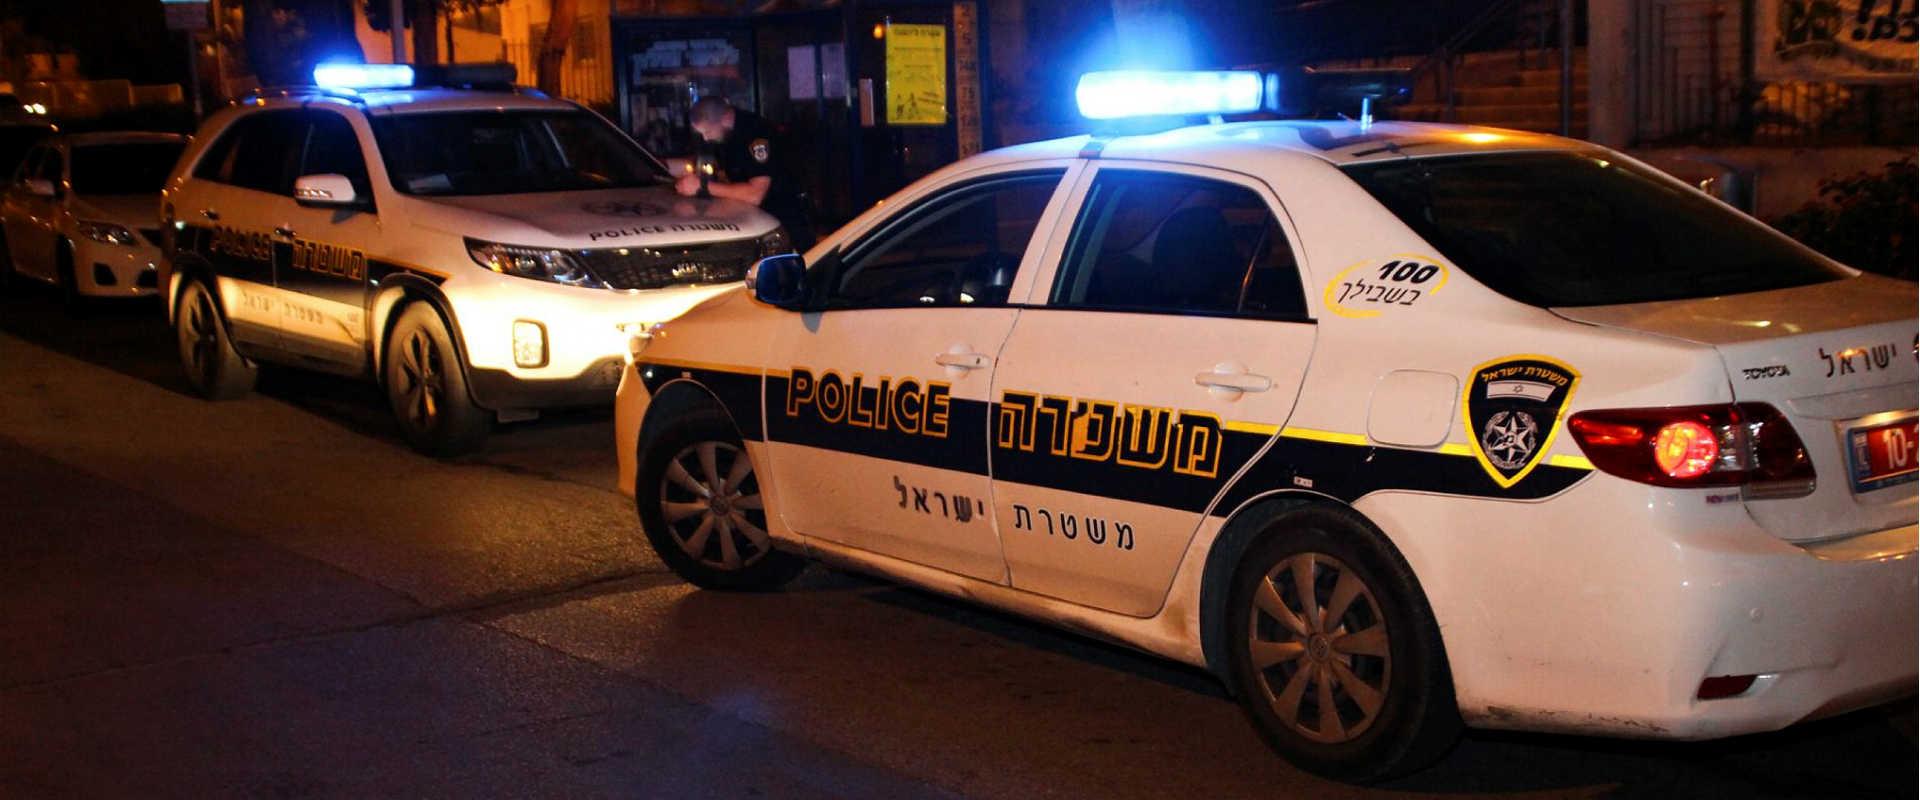 ניידות משטרה בזירת אירוע פלילי